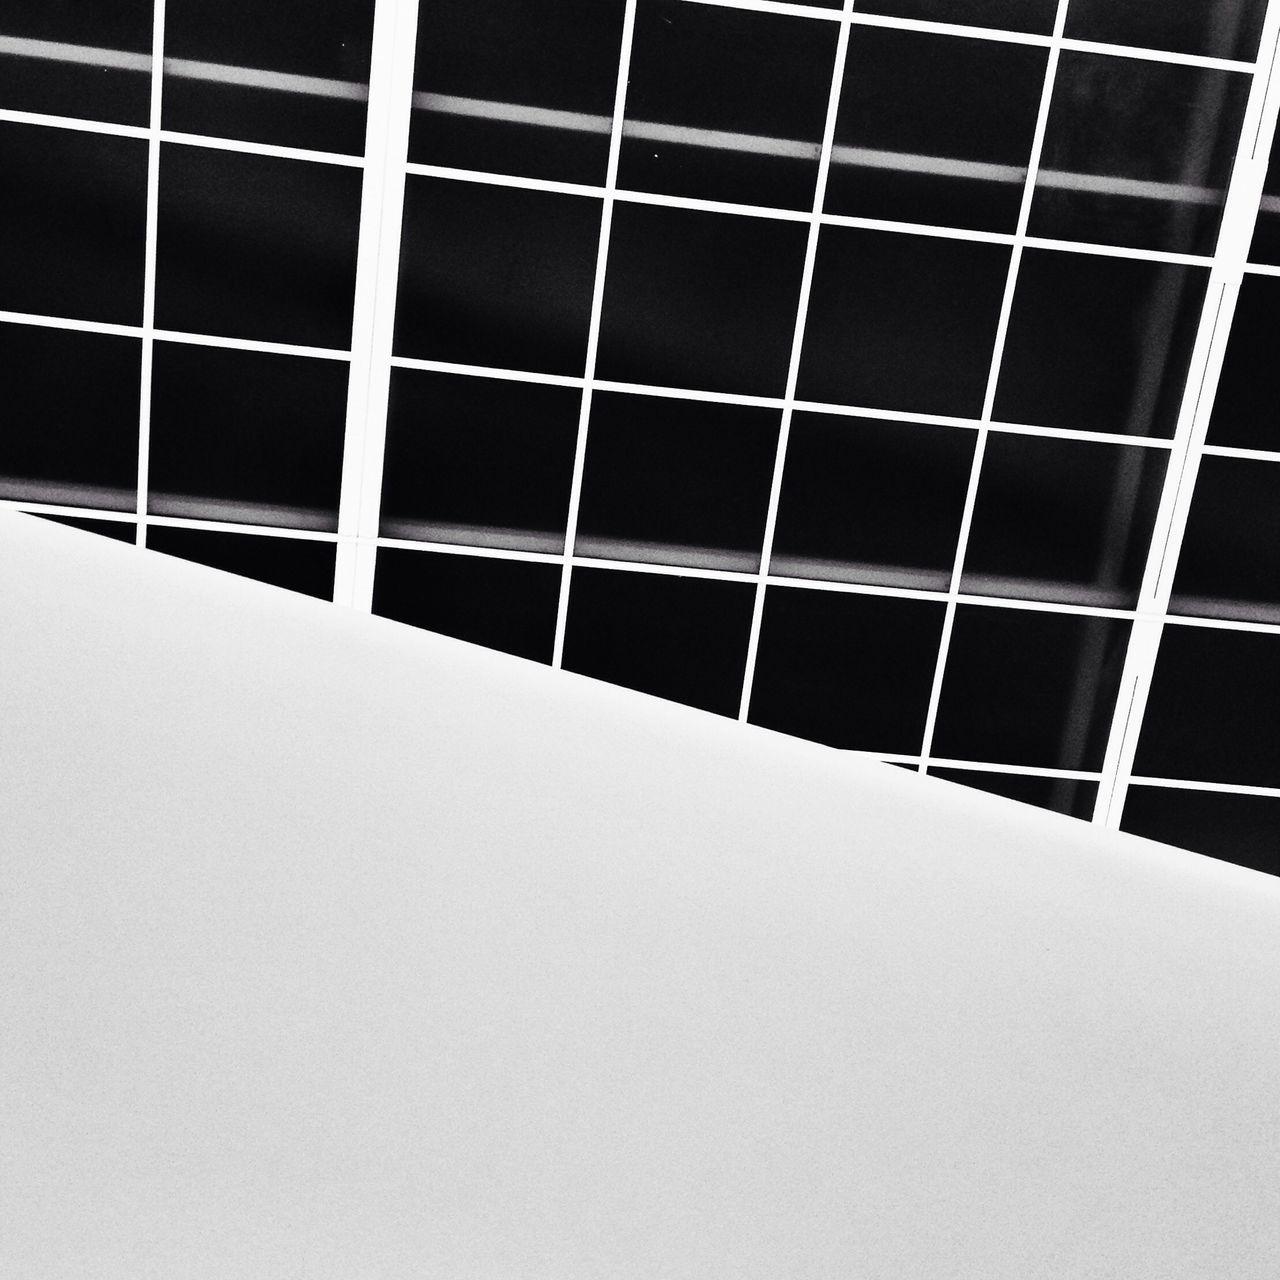 Parfois il faut savoir regarder au dessus de nos têtes pour y trouver une autre vison du monde environnant. Grand Palais Paris Architecture Architecture_bw